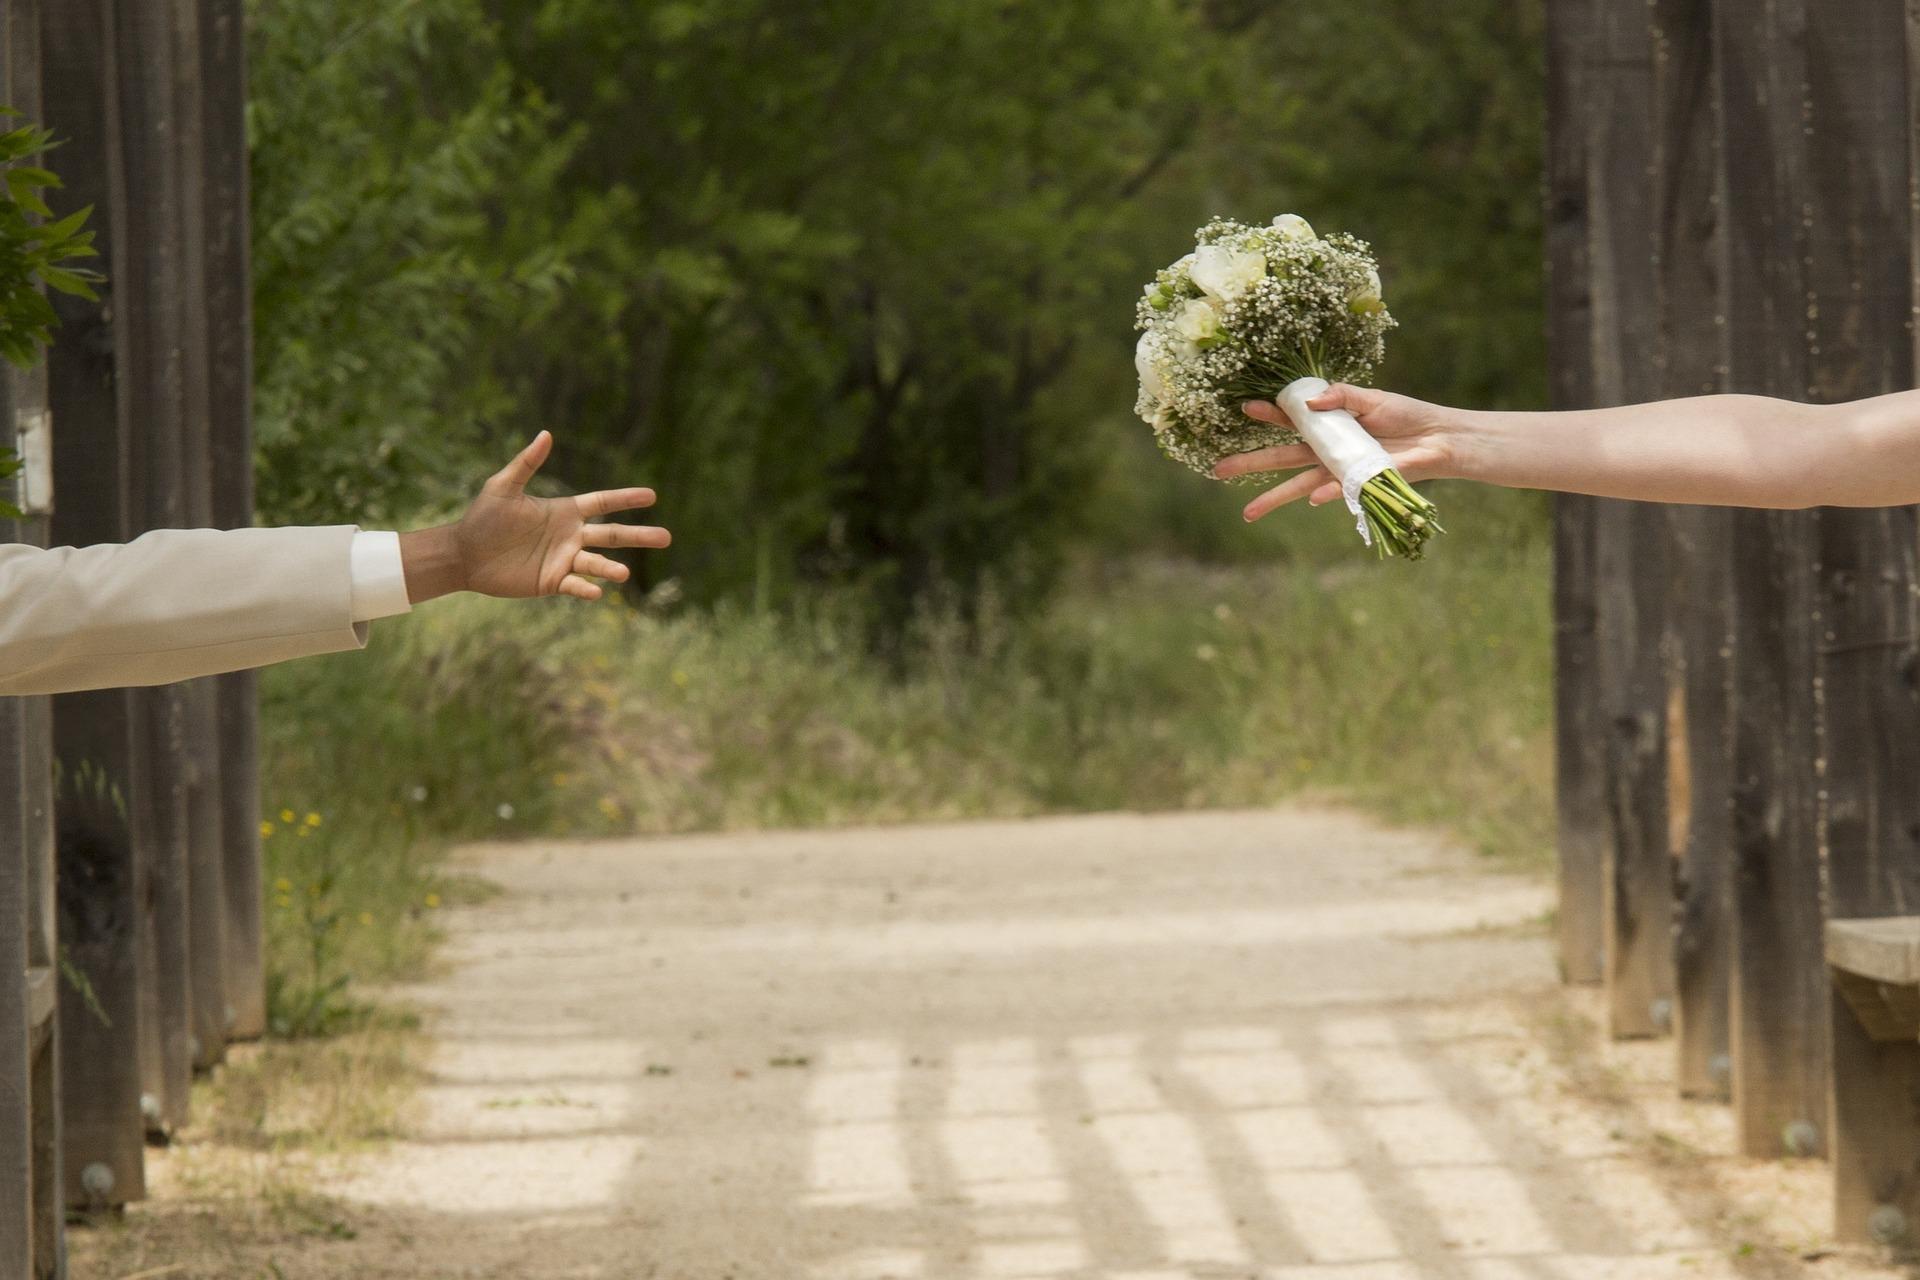 wedding-1146324_1920.jpg